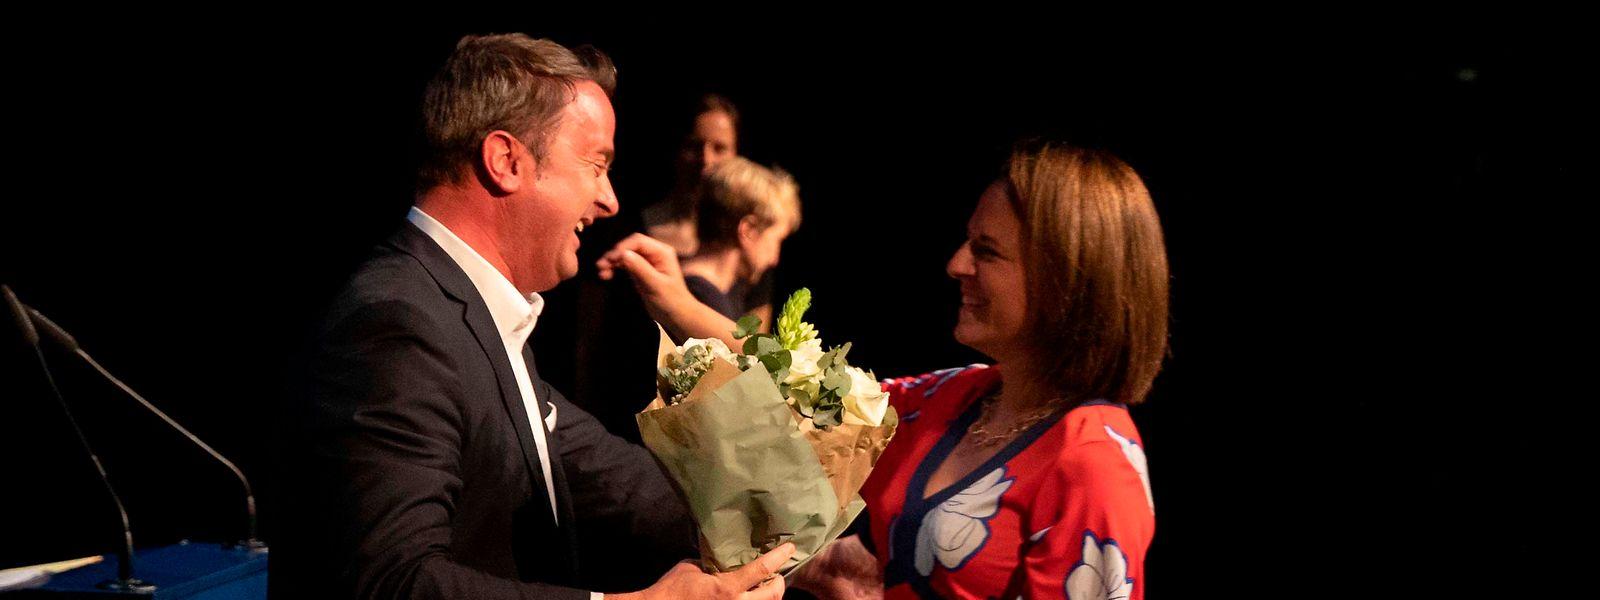 Premier Bettel gratuliert Corinne Cahen zum Geburtstag. Zusammen mit dem DP-Führungsteam wurde die Parteivorsitzende mit 96,36 Prozent der Stimmen im Amt bestätigt.